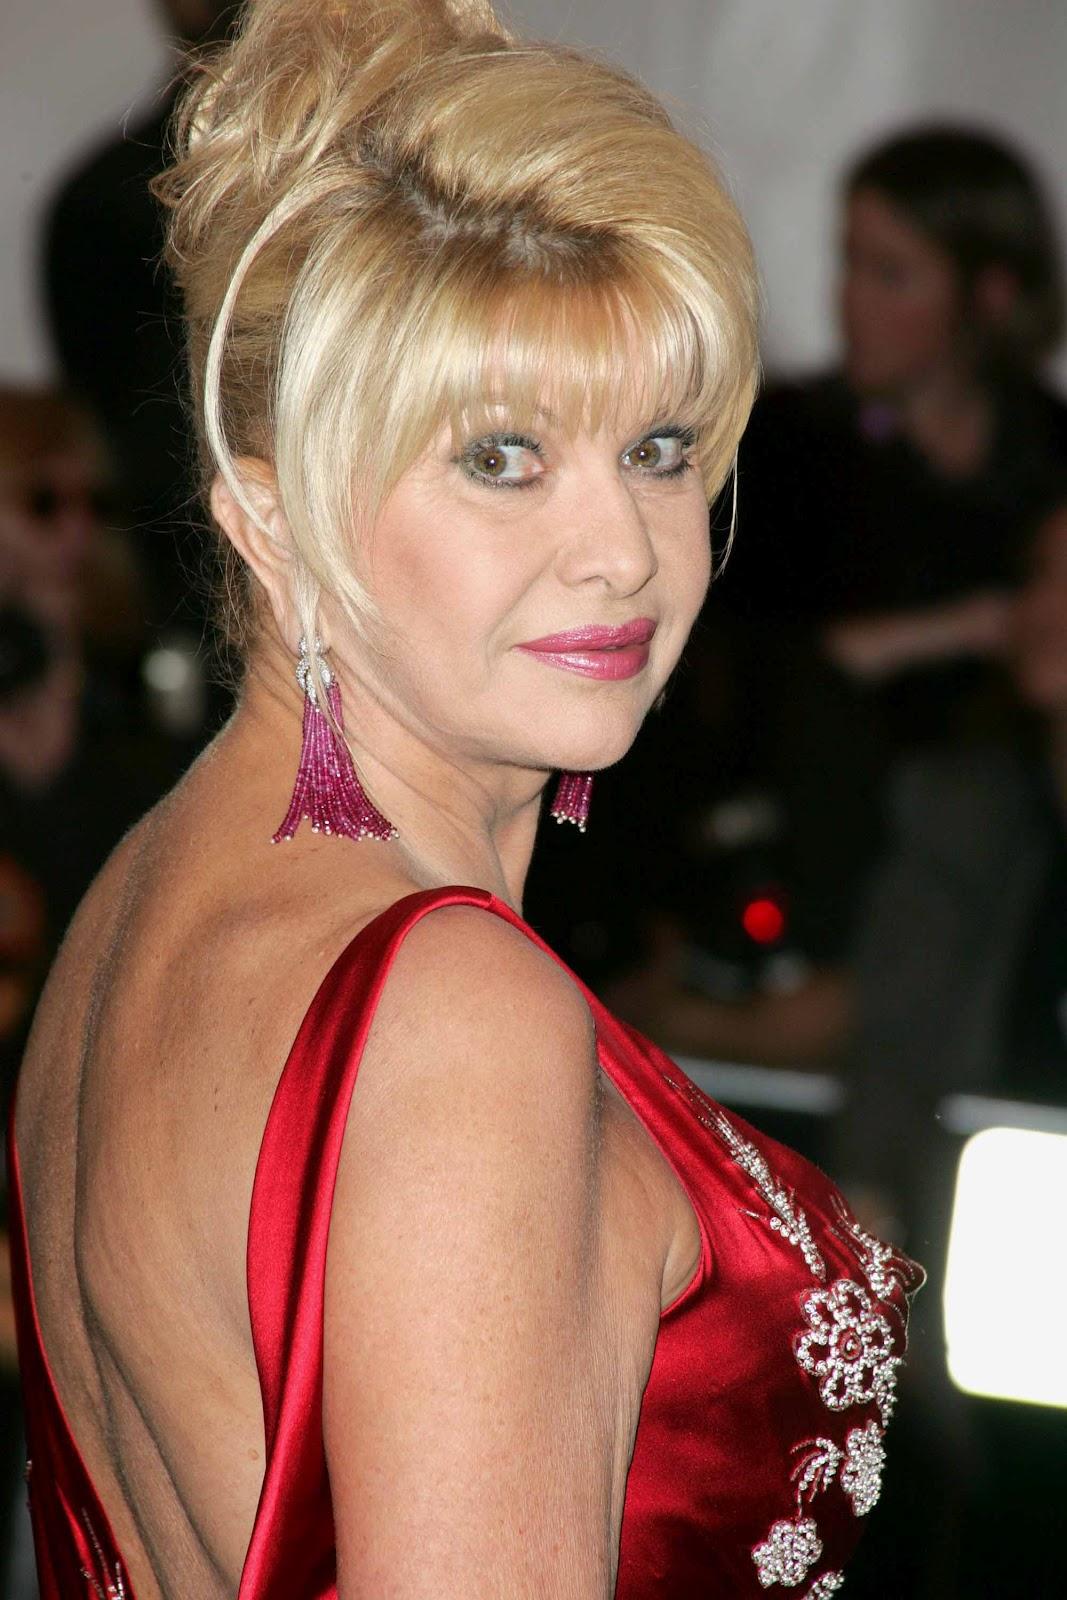 http://1.bp.blogspot.com/-czlUIfPrMUM/T9LdPon9F4I/AAAAAAAAAGw/yfbdnqRdF1k/s1600/Ivana+Trump+5.jpg